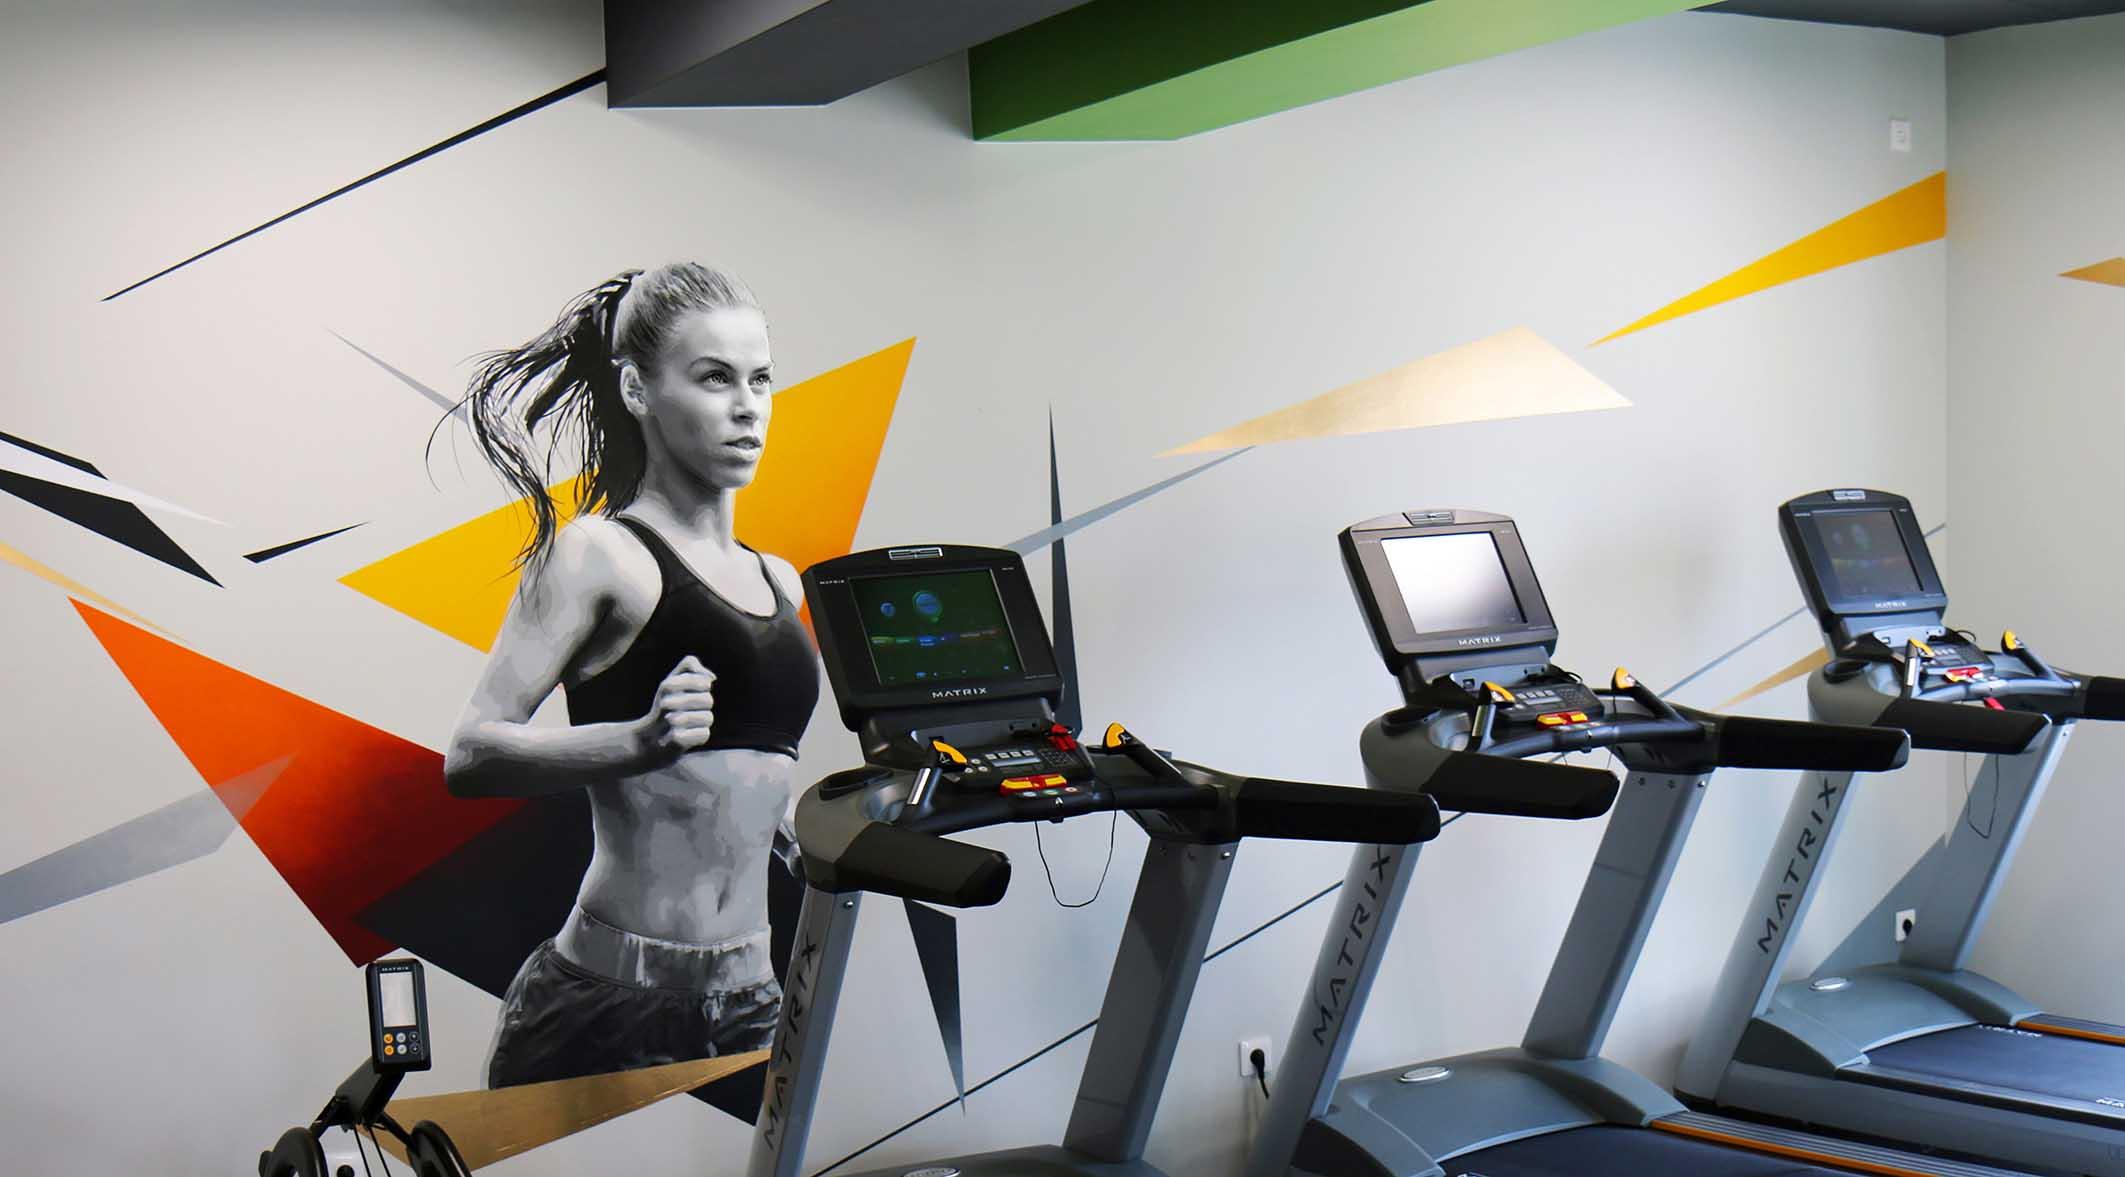 portrait d'une joggeuse et décorations colorées réalisés par frédéric michel-langlet dans la salle de sport fit & spa de la chapelle en serval